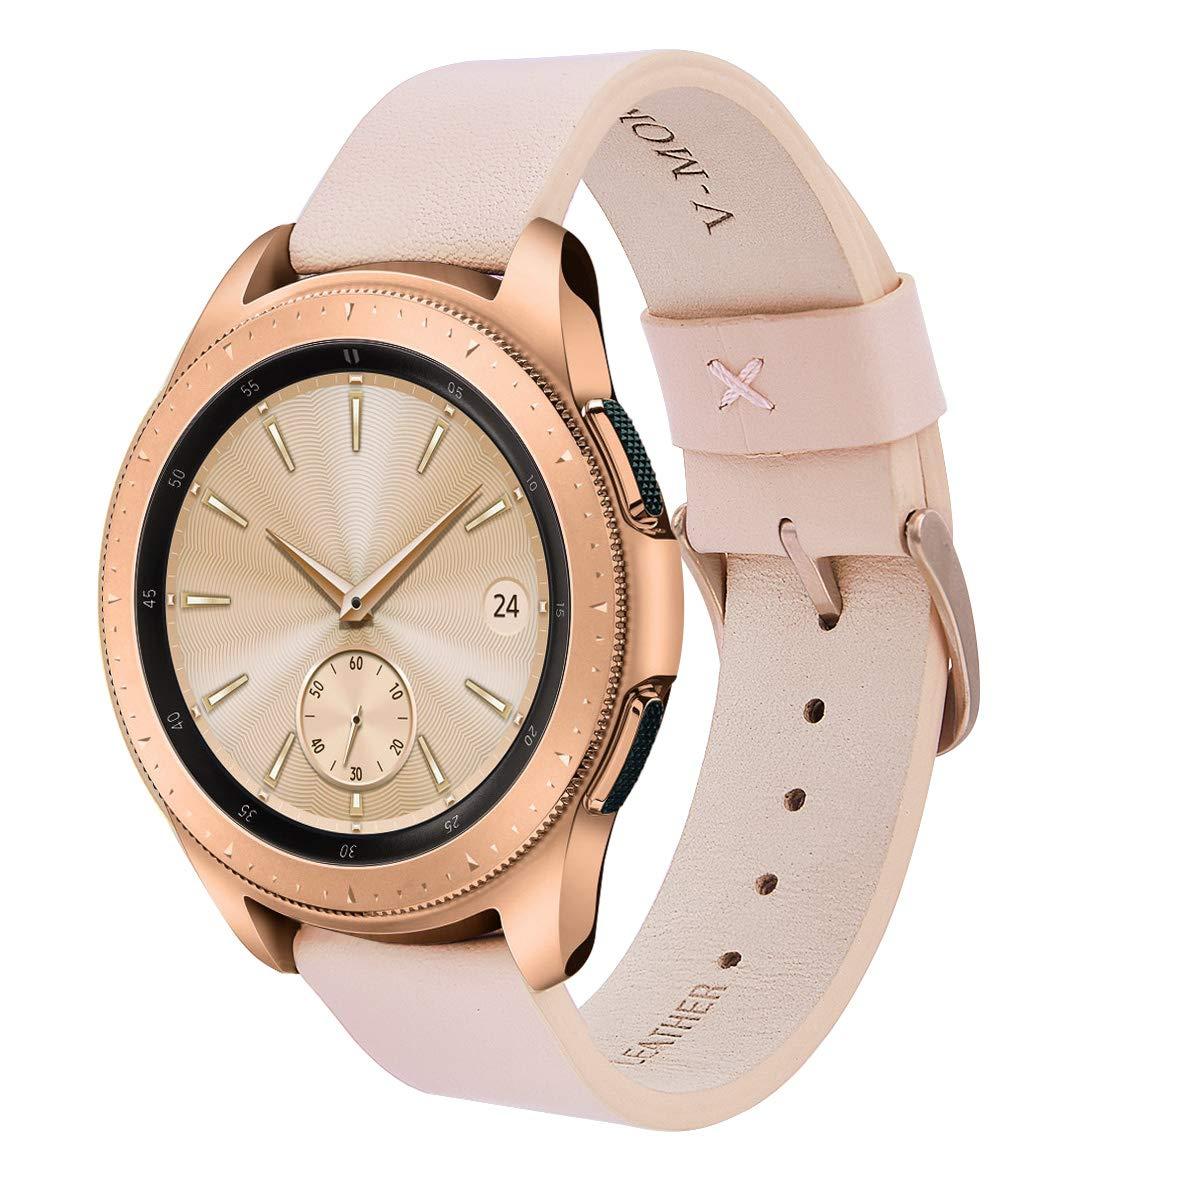 Malla para Galaxy Watch3 / Active2 Rosado -7MZJTYPV